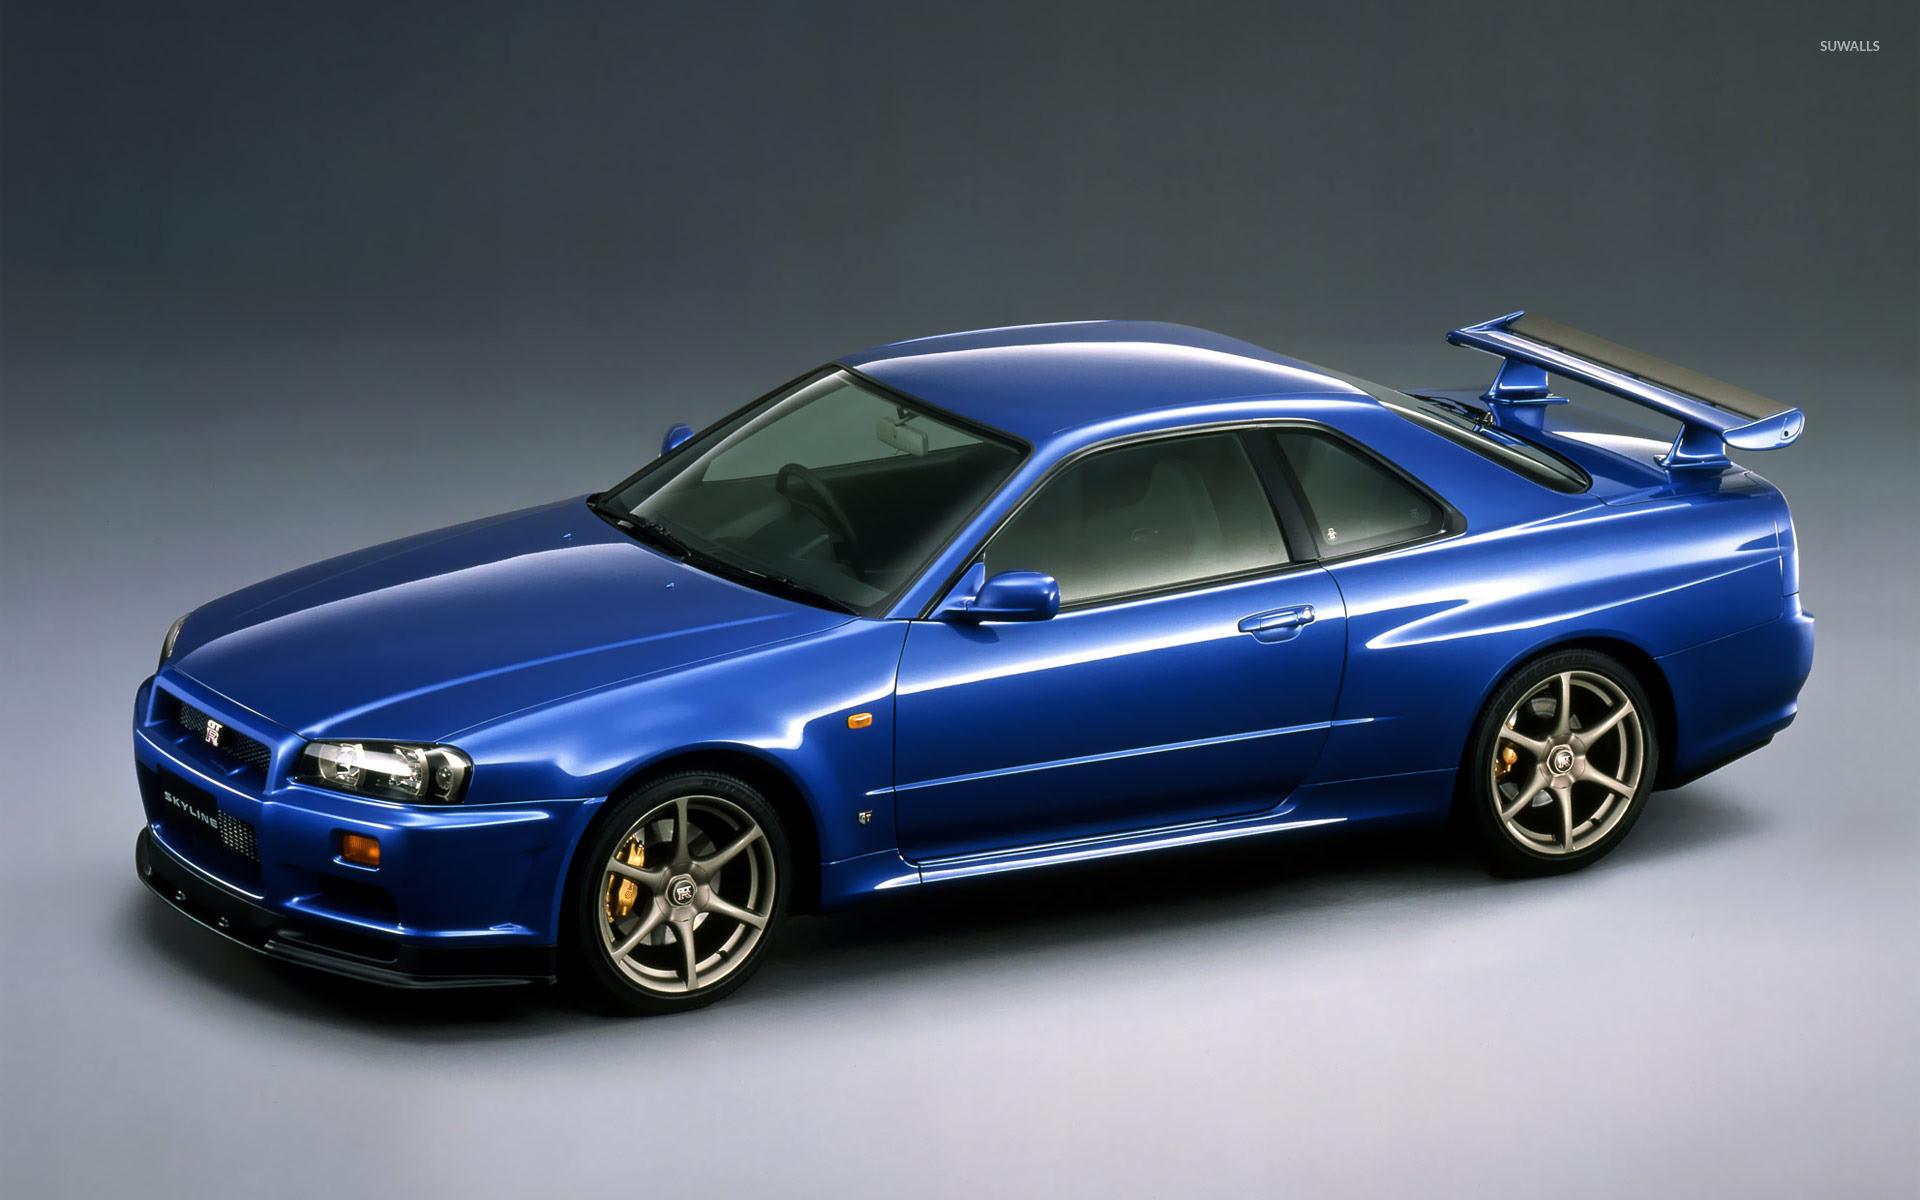 Nissan Skyline GT-R V-spec R34 wallpaper jpg